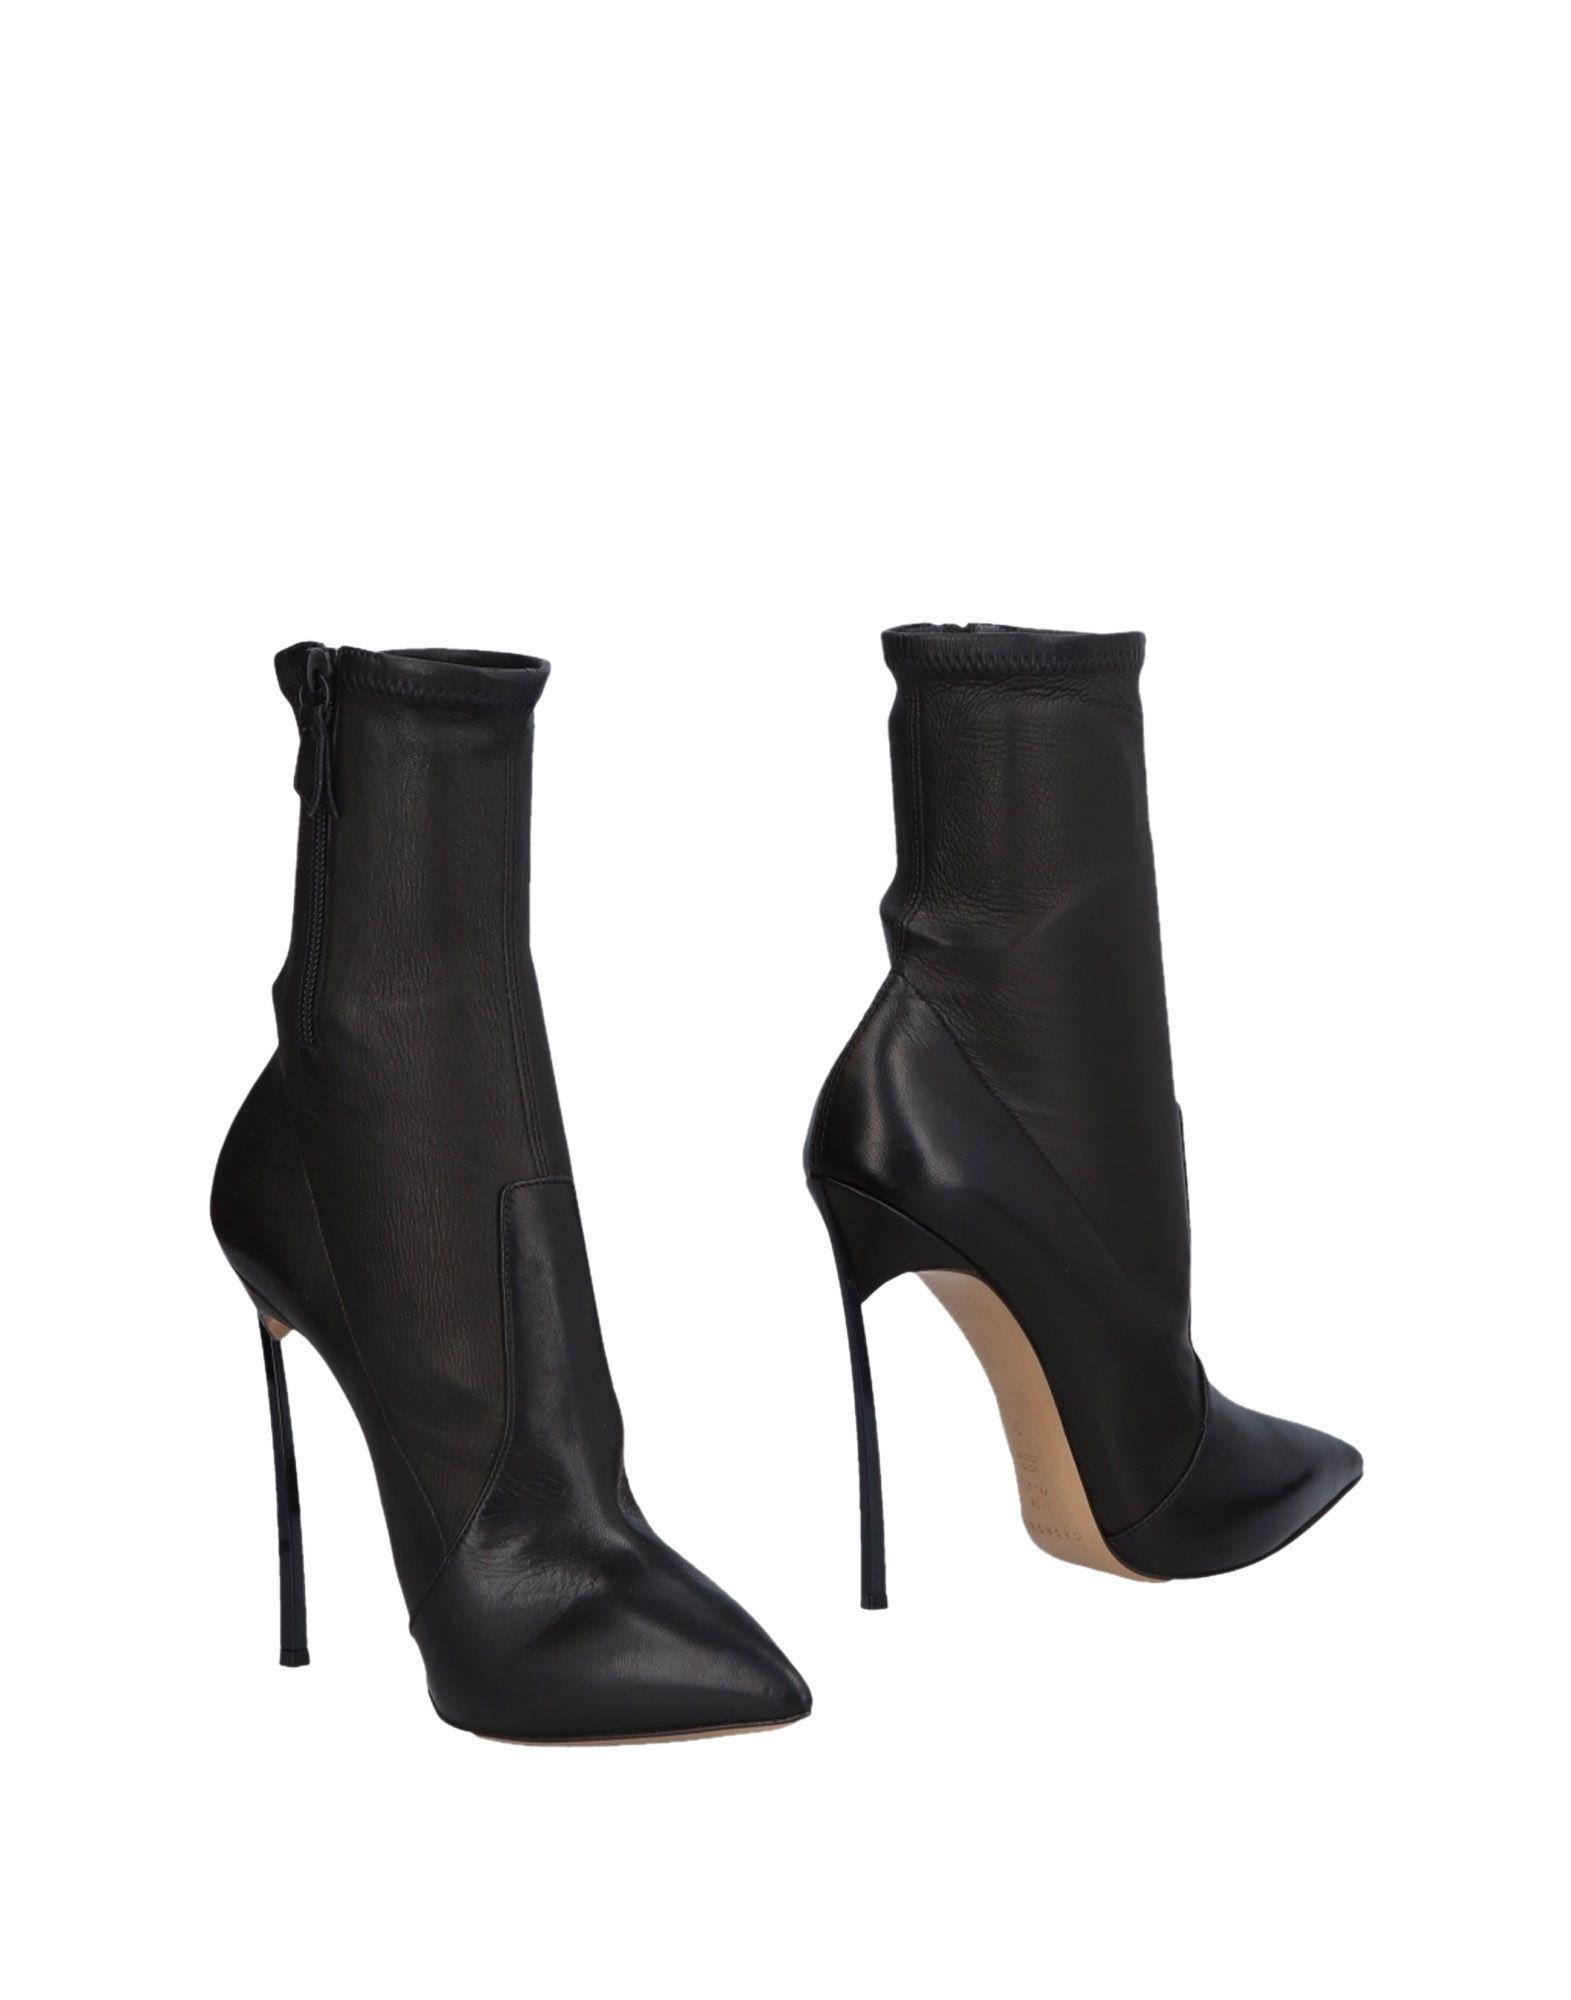 Casadei Stiefelette Damen  11477228FW 11477228FW  Heiße Schuhe 209392